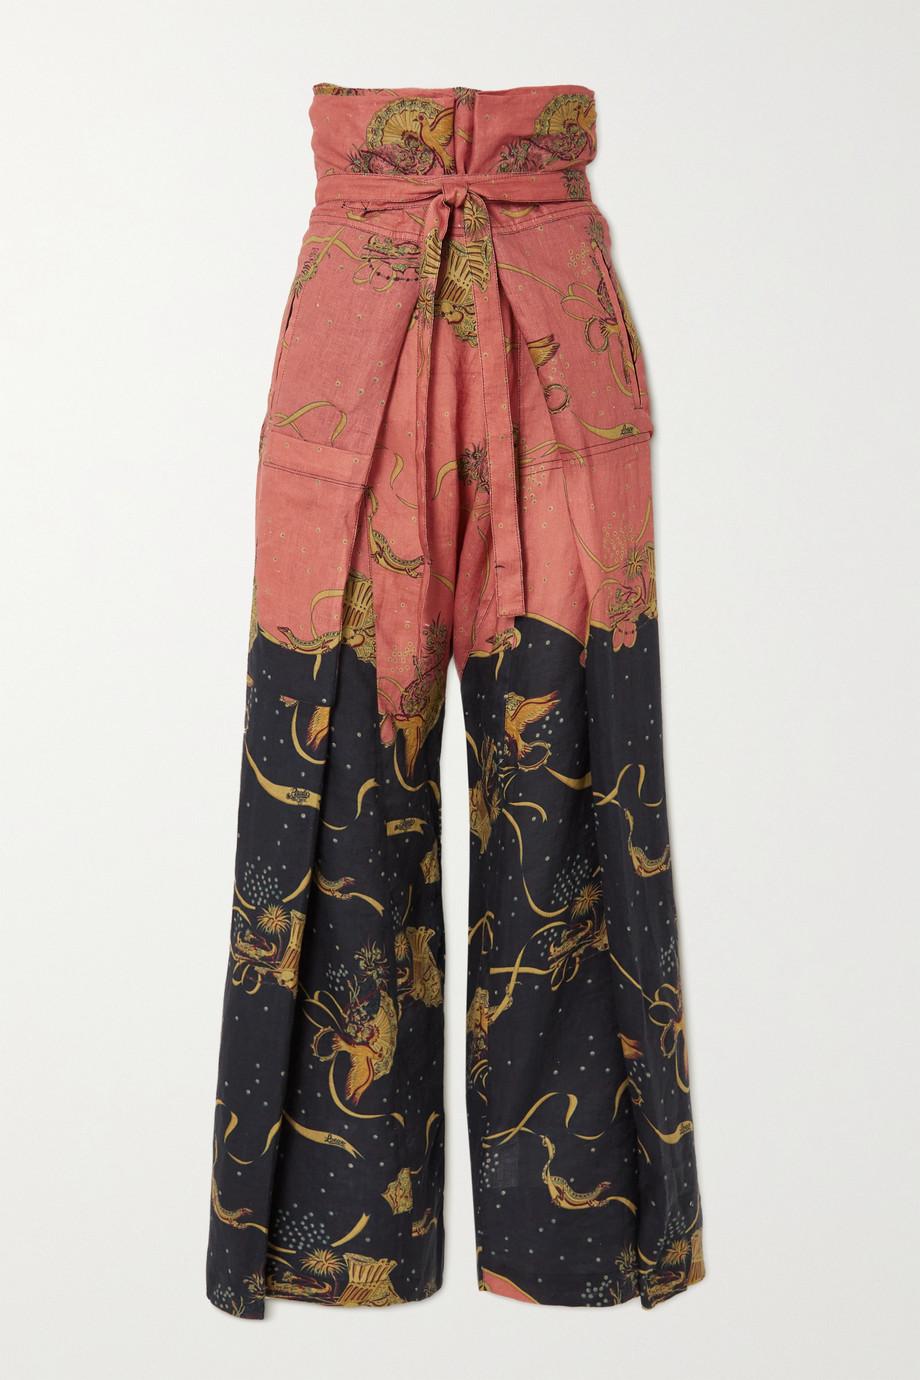 Loewe Pantalon large en lin et coton mélangés imprimés à ceinture x Paula's Ibiza